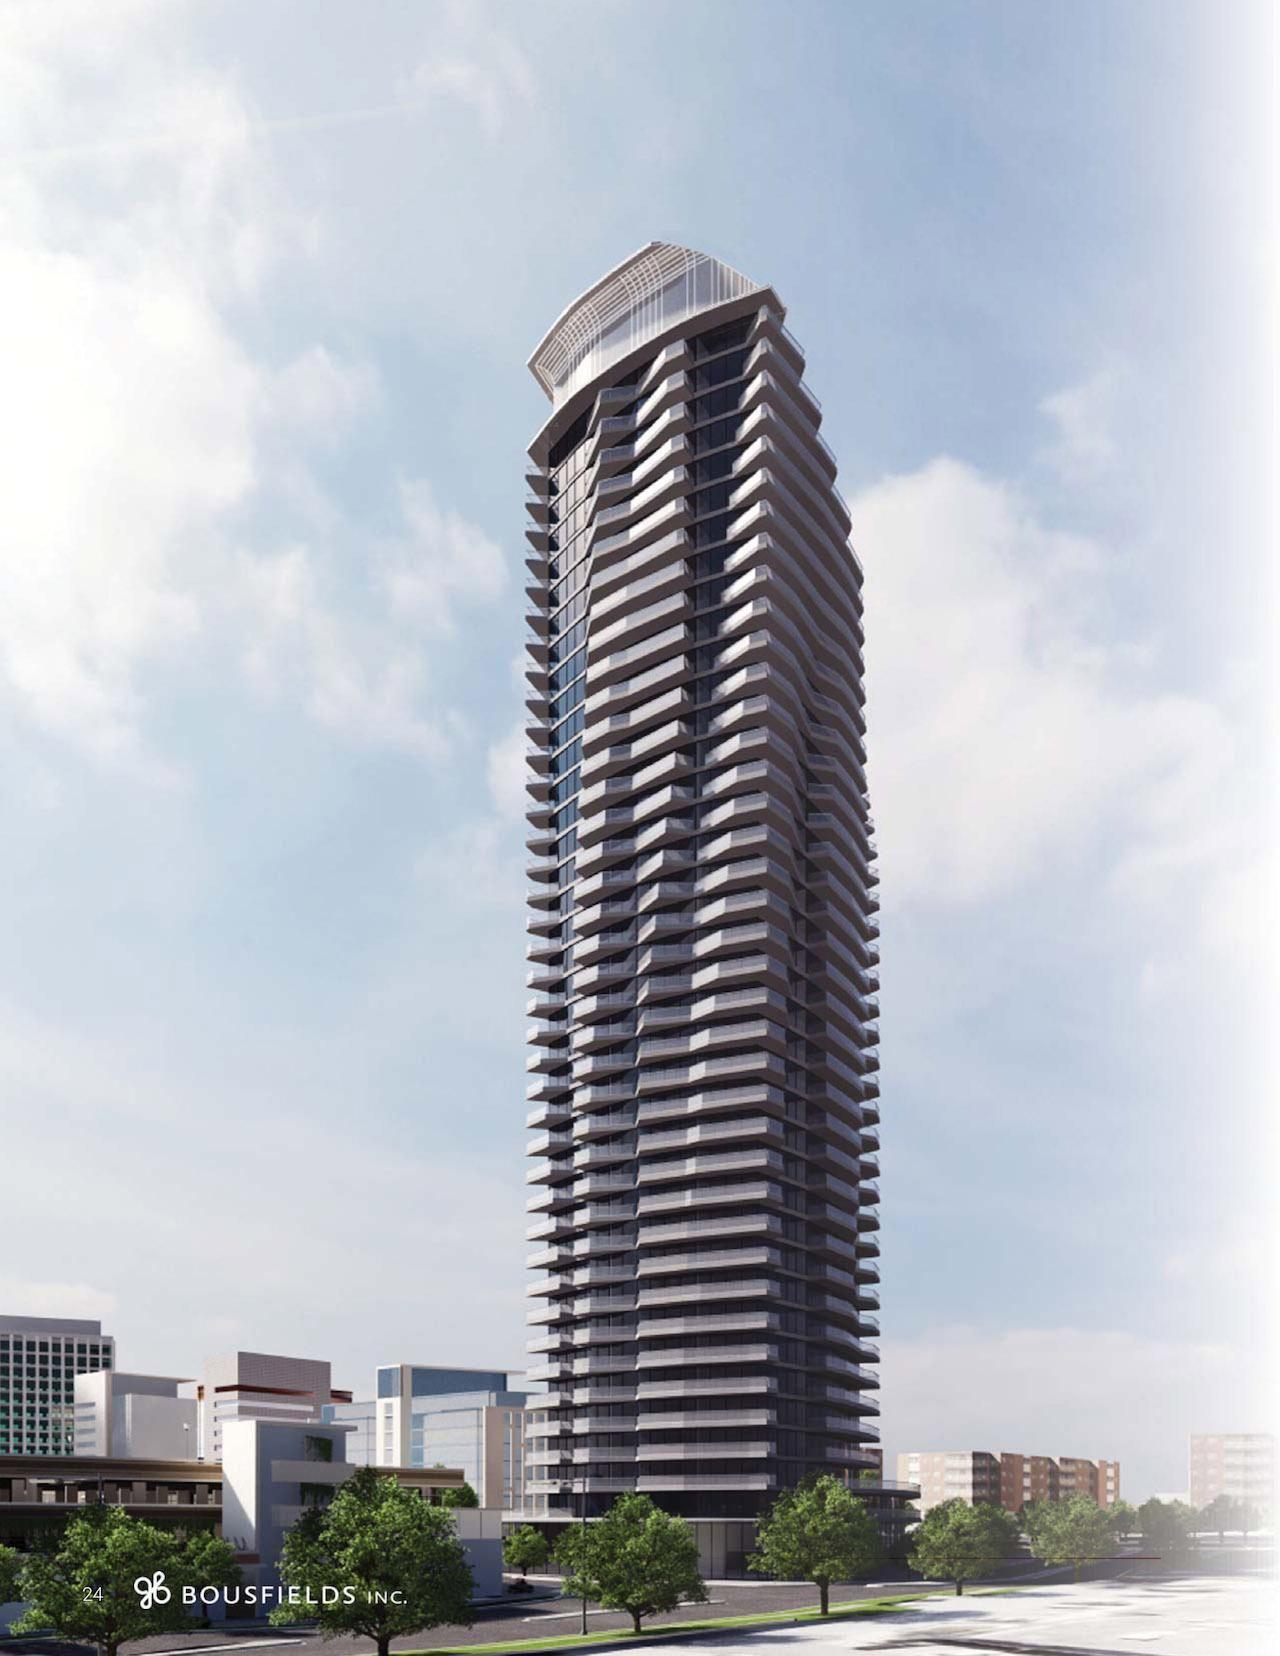 169 The Donway West Tower 1 The Skyscraper Center Skyscraper Architecture Condo